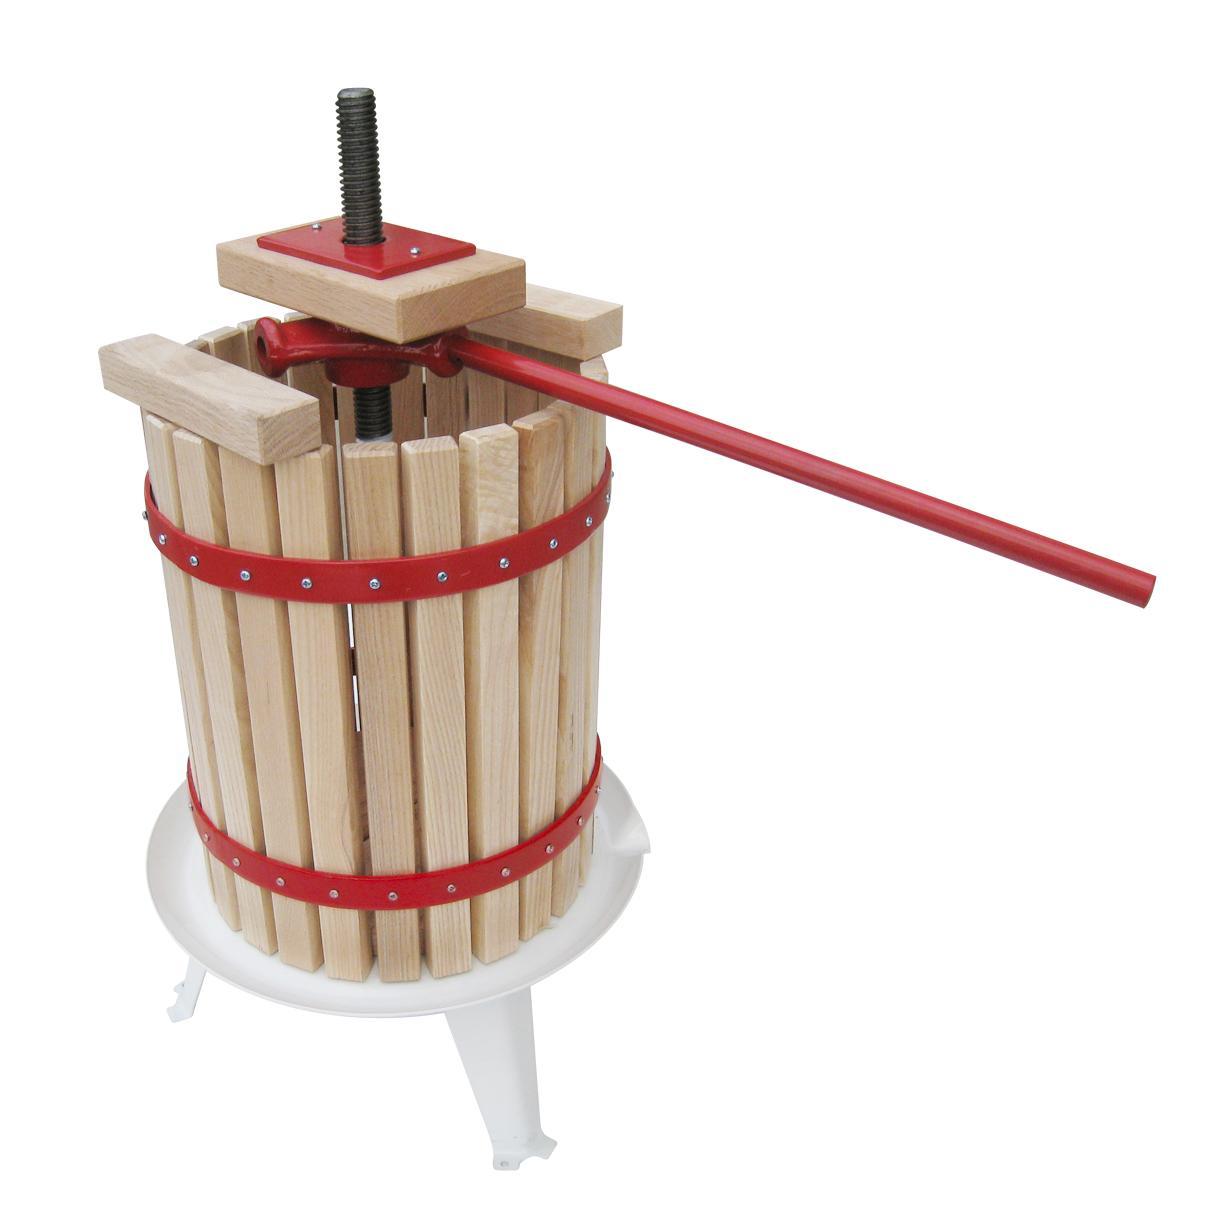 How to Build a Cider Press - DIY 9